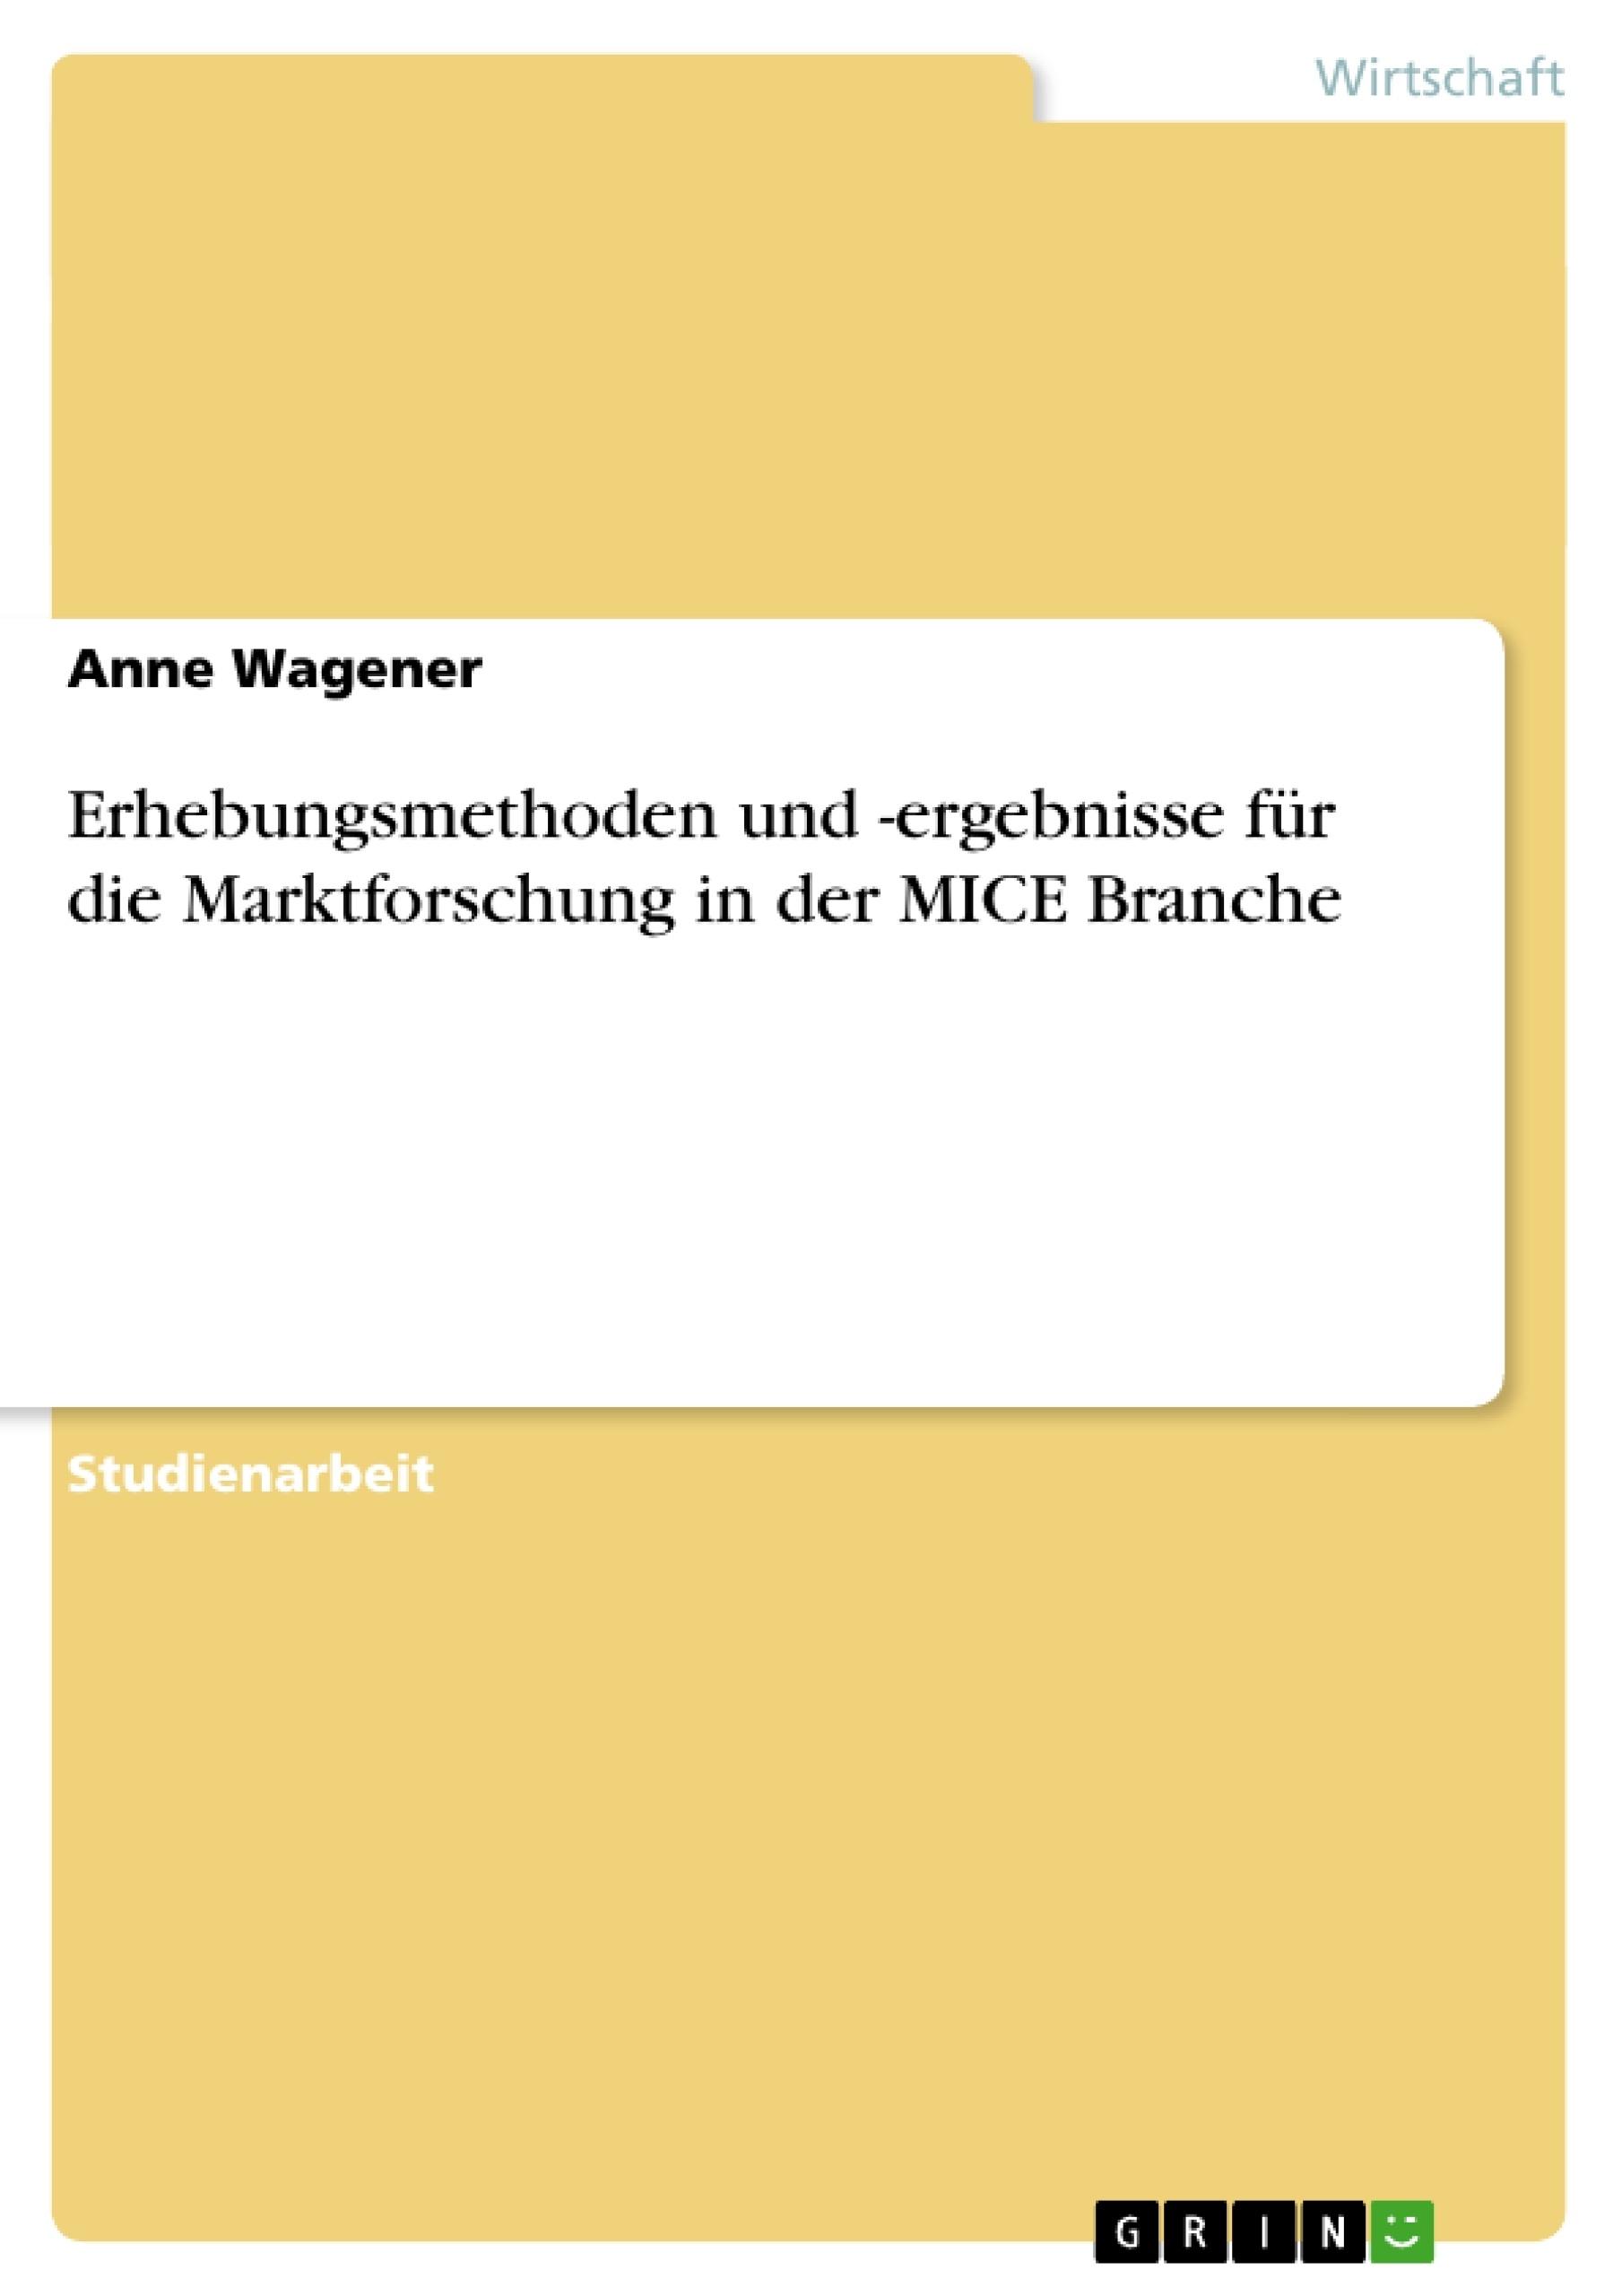 Titel: Erhebungsmethoden und -ergebnisse für die Marktforschung in der MICE Branche